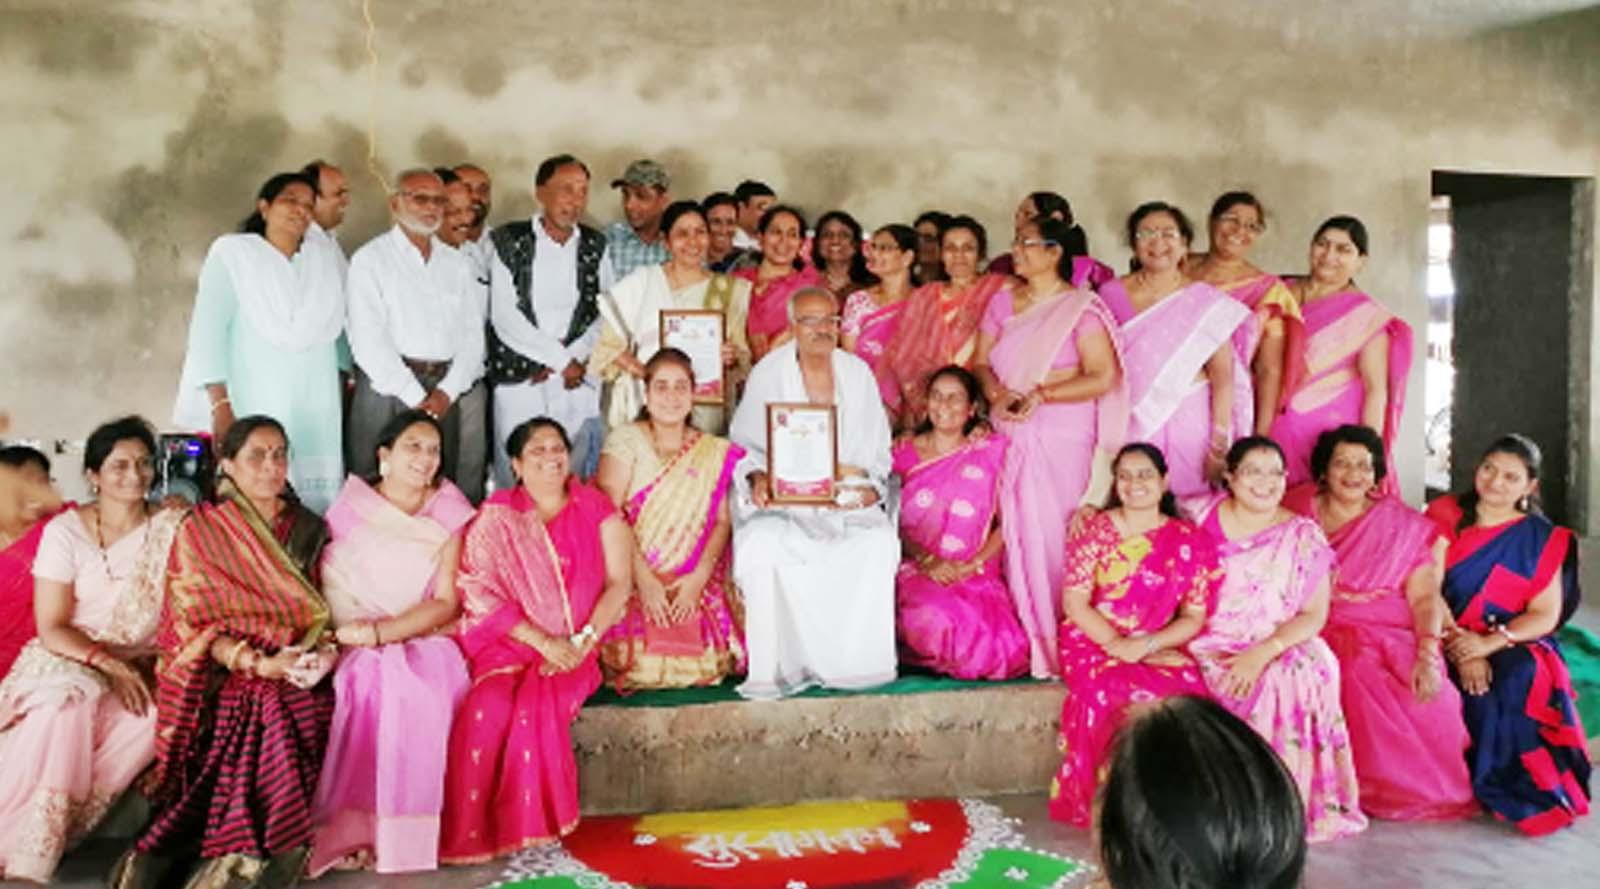 Jhabua News- गुरू पूर्णिमा महोत्सव के उपलक्ष में संस्कार भारती आजाद इकाई झाबआ ने दो गुरूजनों का किया भव्य अभिनंदन